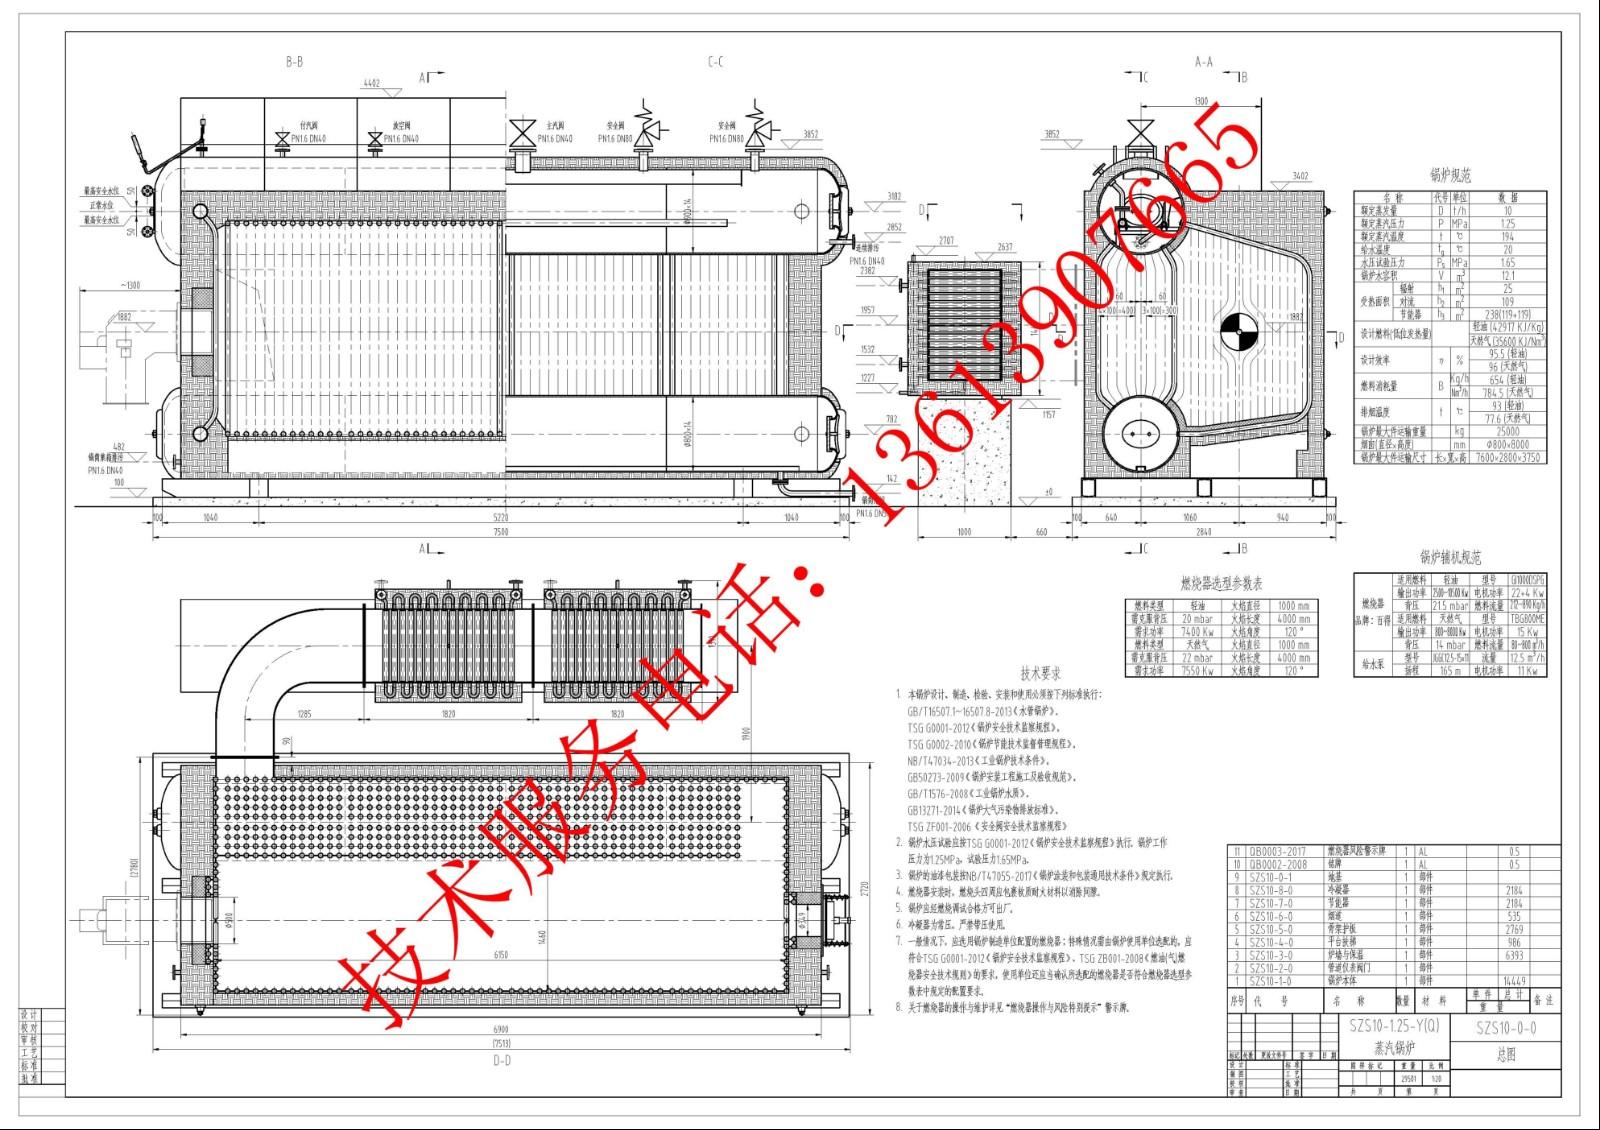 SZS10-1.25-YQ双锅筒纵置式冷凝燃